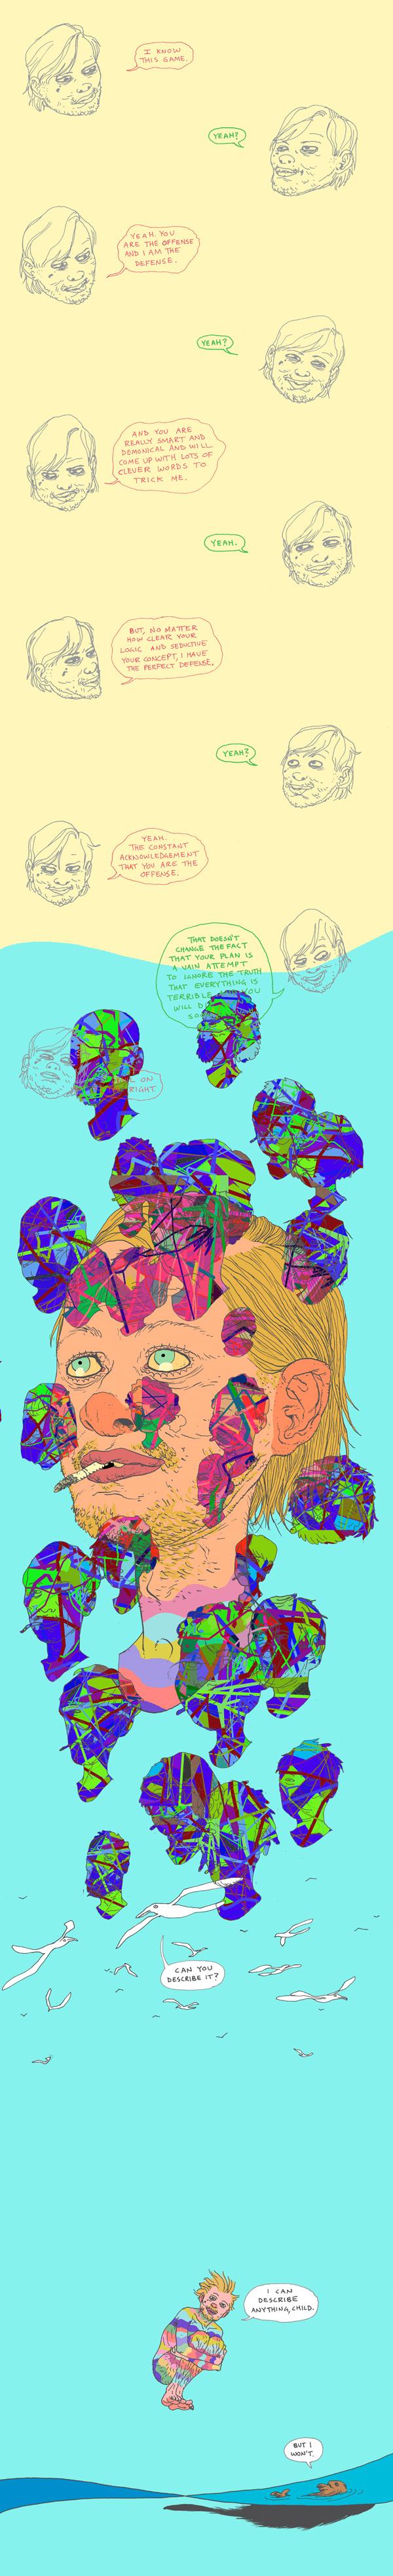 willumsen-ilustracion-oldskull-09